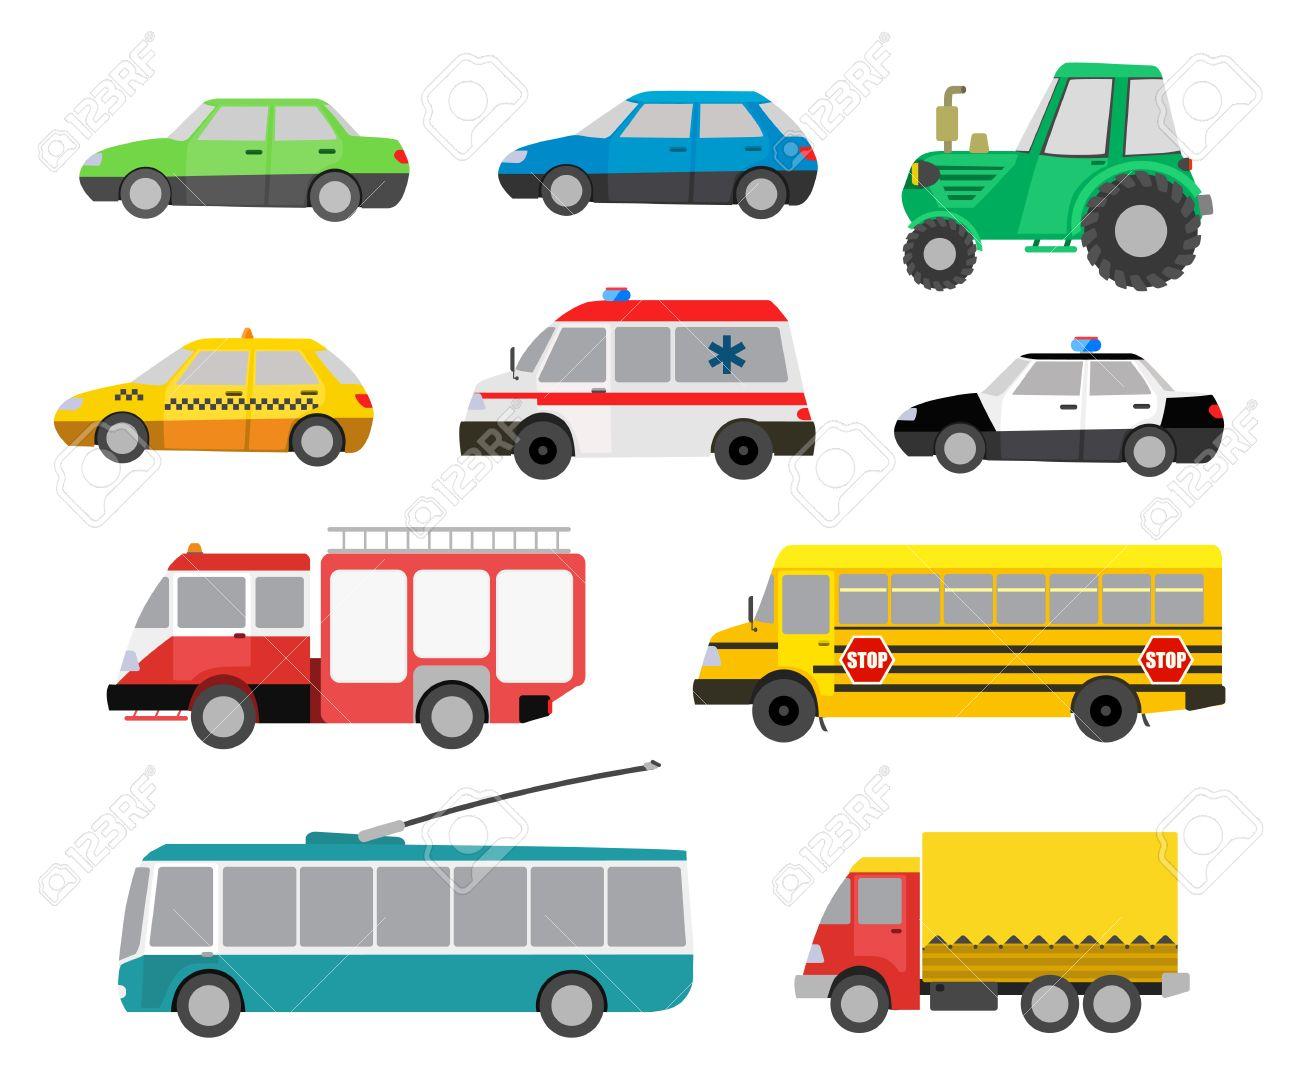 漫画かわいい車や特殊車両のセット。ベクトル図 ロイヤリティフリー